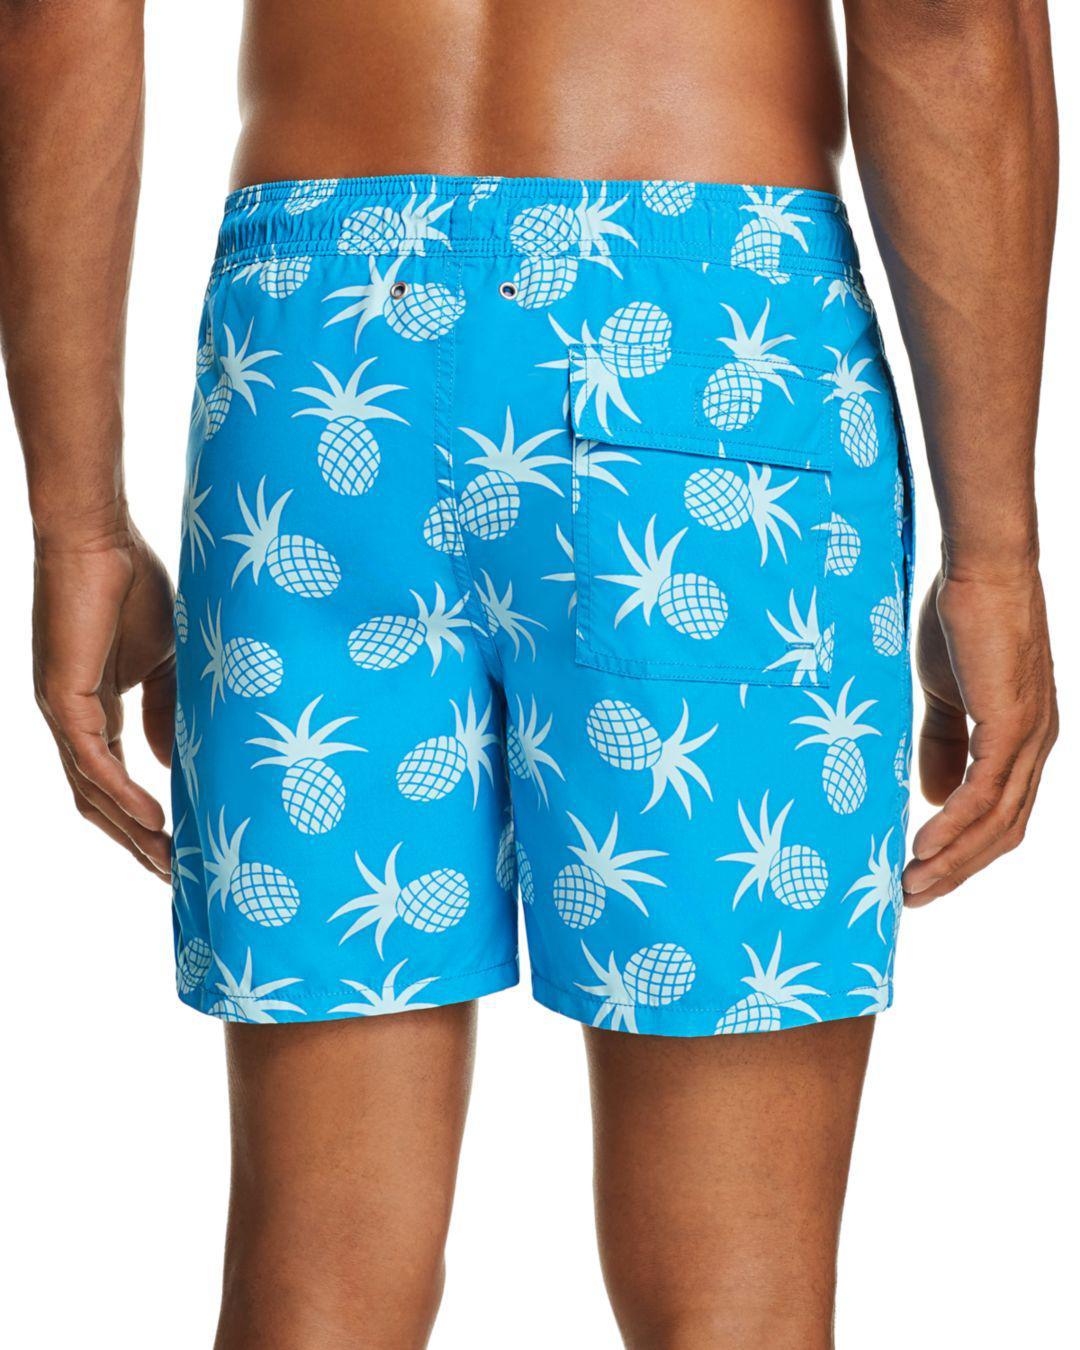 875b6cfe817d1 Tom & Teddy Pineapple Print Swim Trunks in Blue for Men - Lyst